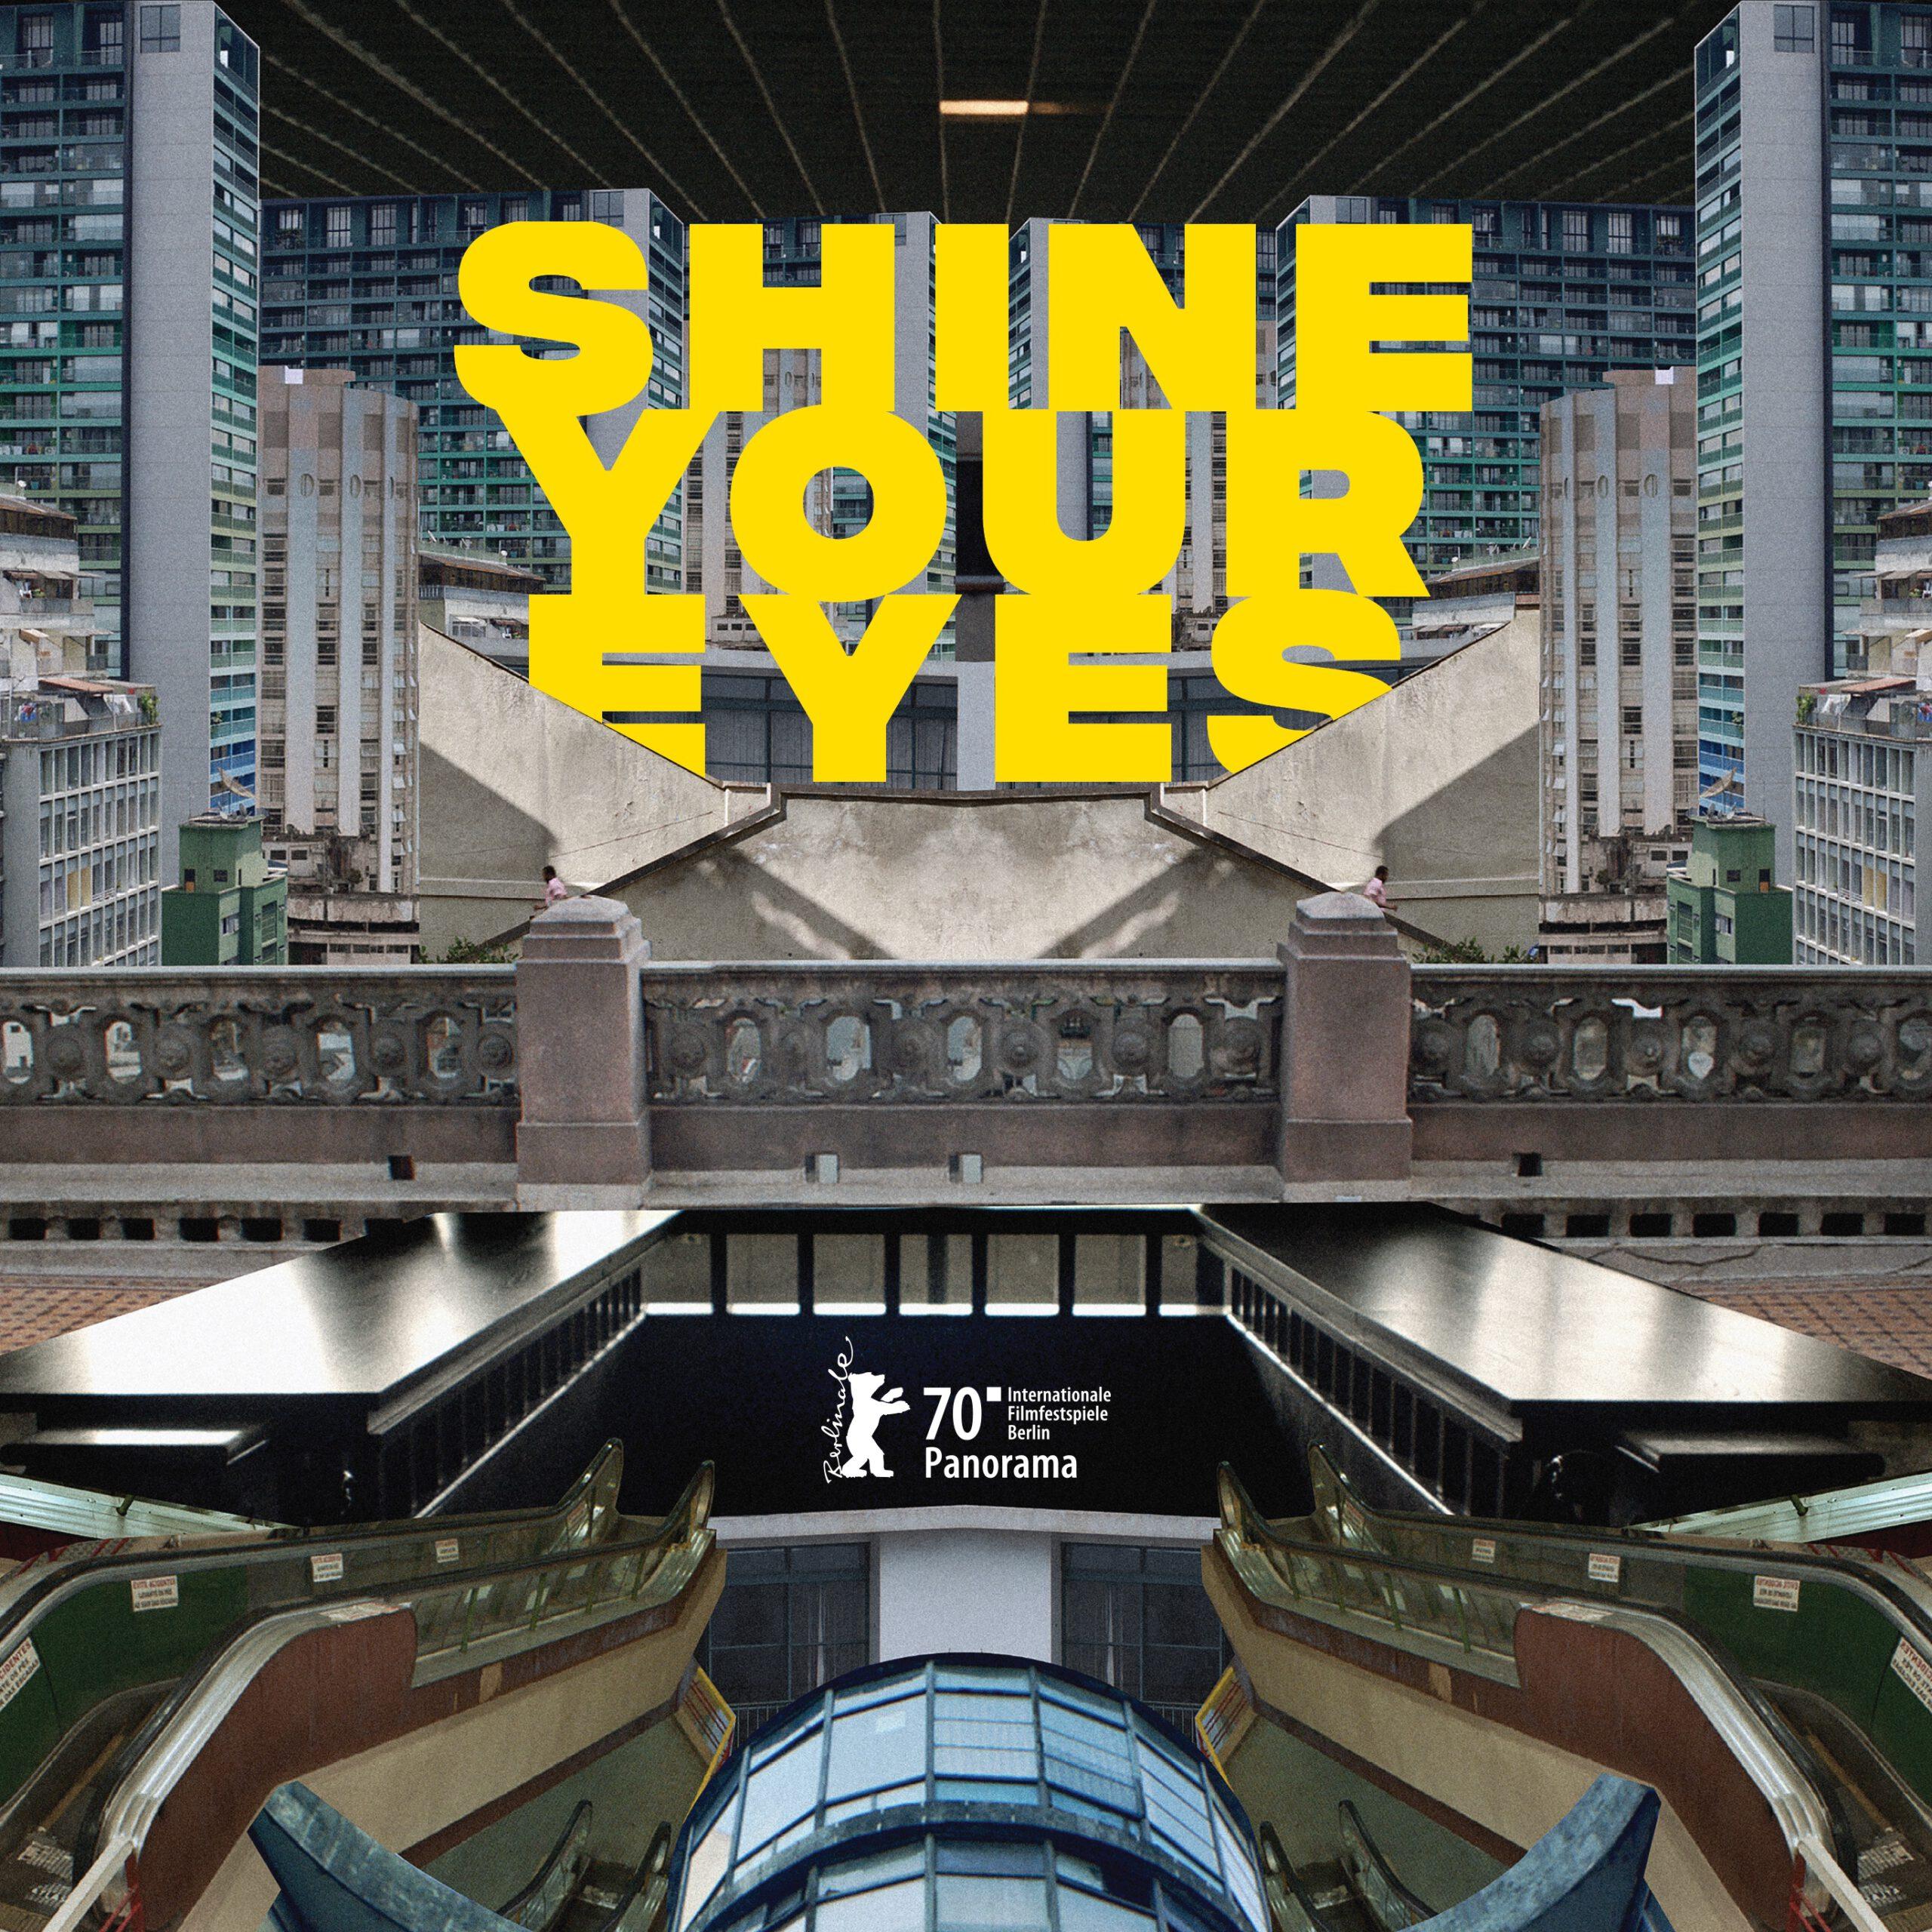 ดูหนังออนไลน์ฟรี Shine Your Eyes (2020) ไชน์ ยัวร์ อาย